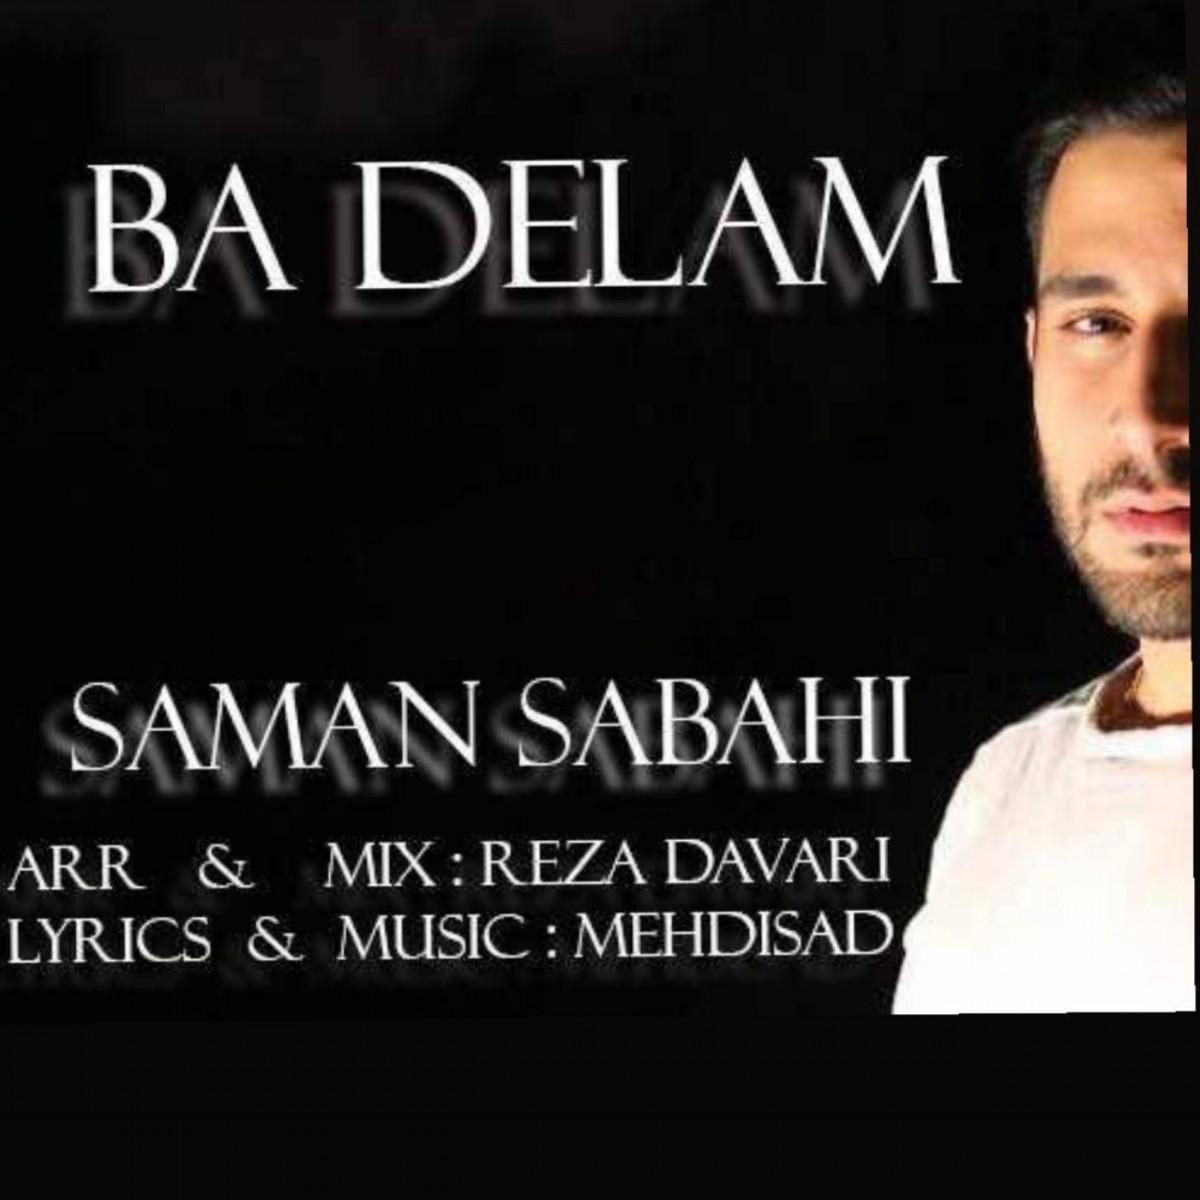 نامبر وان موزیک | دانلود آهنگ جدید Saman-Sabahi-Ba-Delam